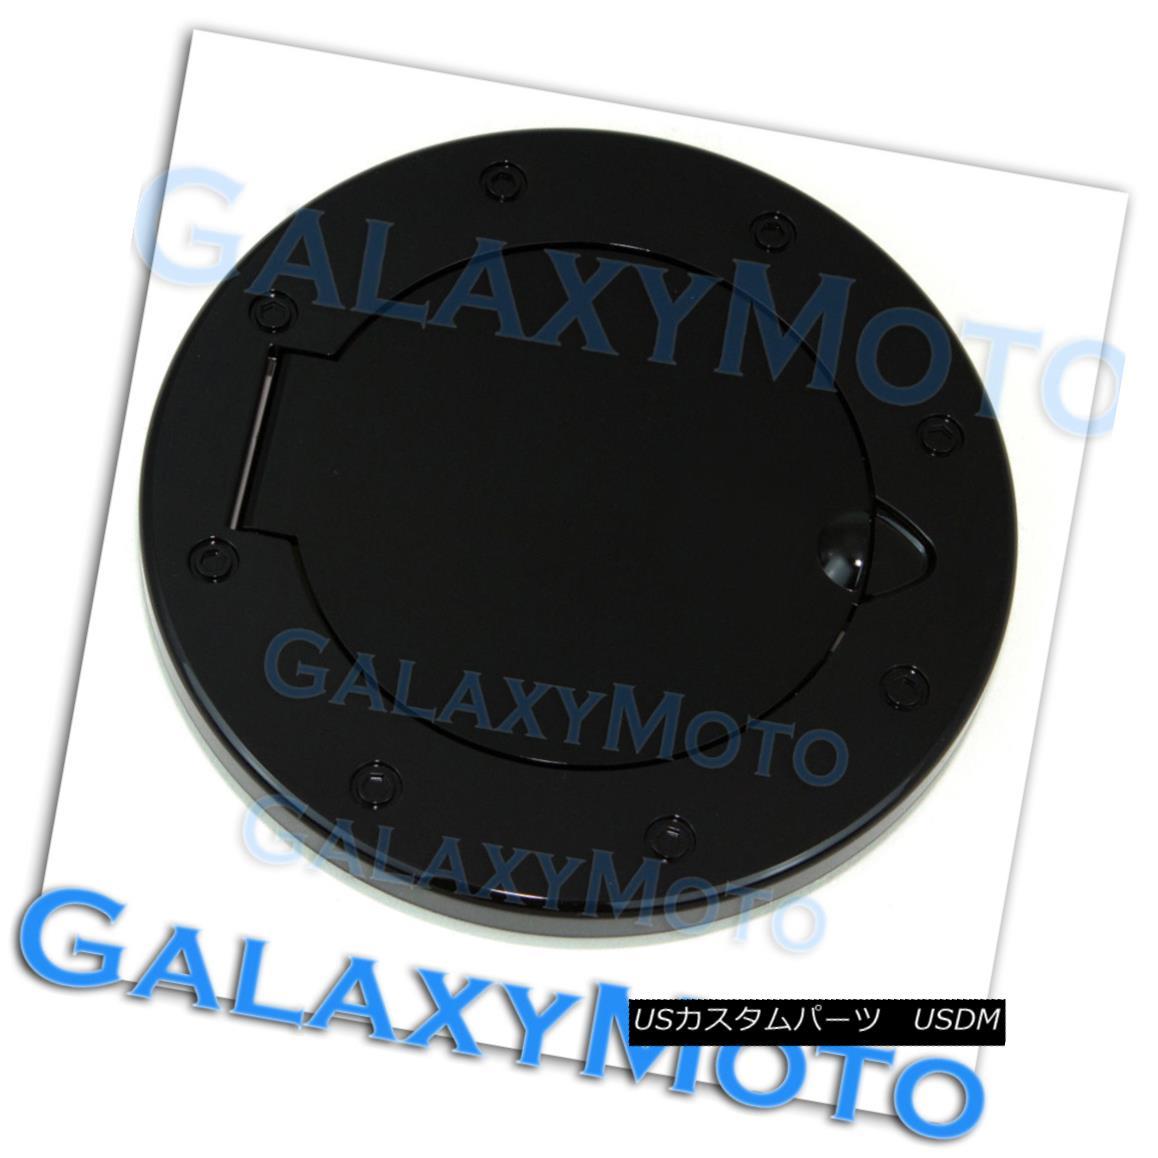 グリル Gloss Black Direct Bolt on Replacement Gas Door Cover fit 07-17 Jeep Wrangler JK グロスブラックダイレクトボルト交換用ガスドアカバーフィット07-17 Jeep Wrangler JK